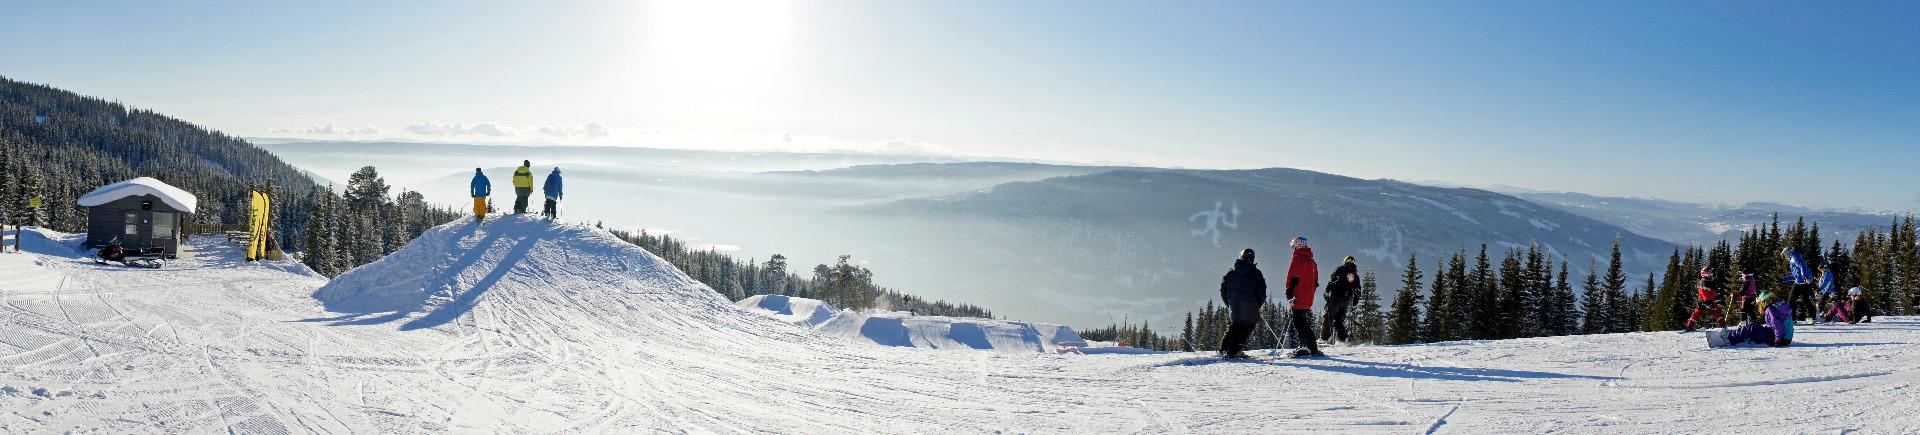 Beste Skimöglichkeiten in der Region Lillehammer - © Hafjell Skisenter